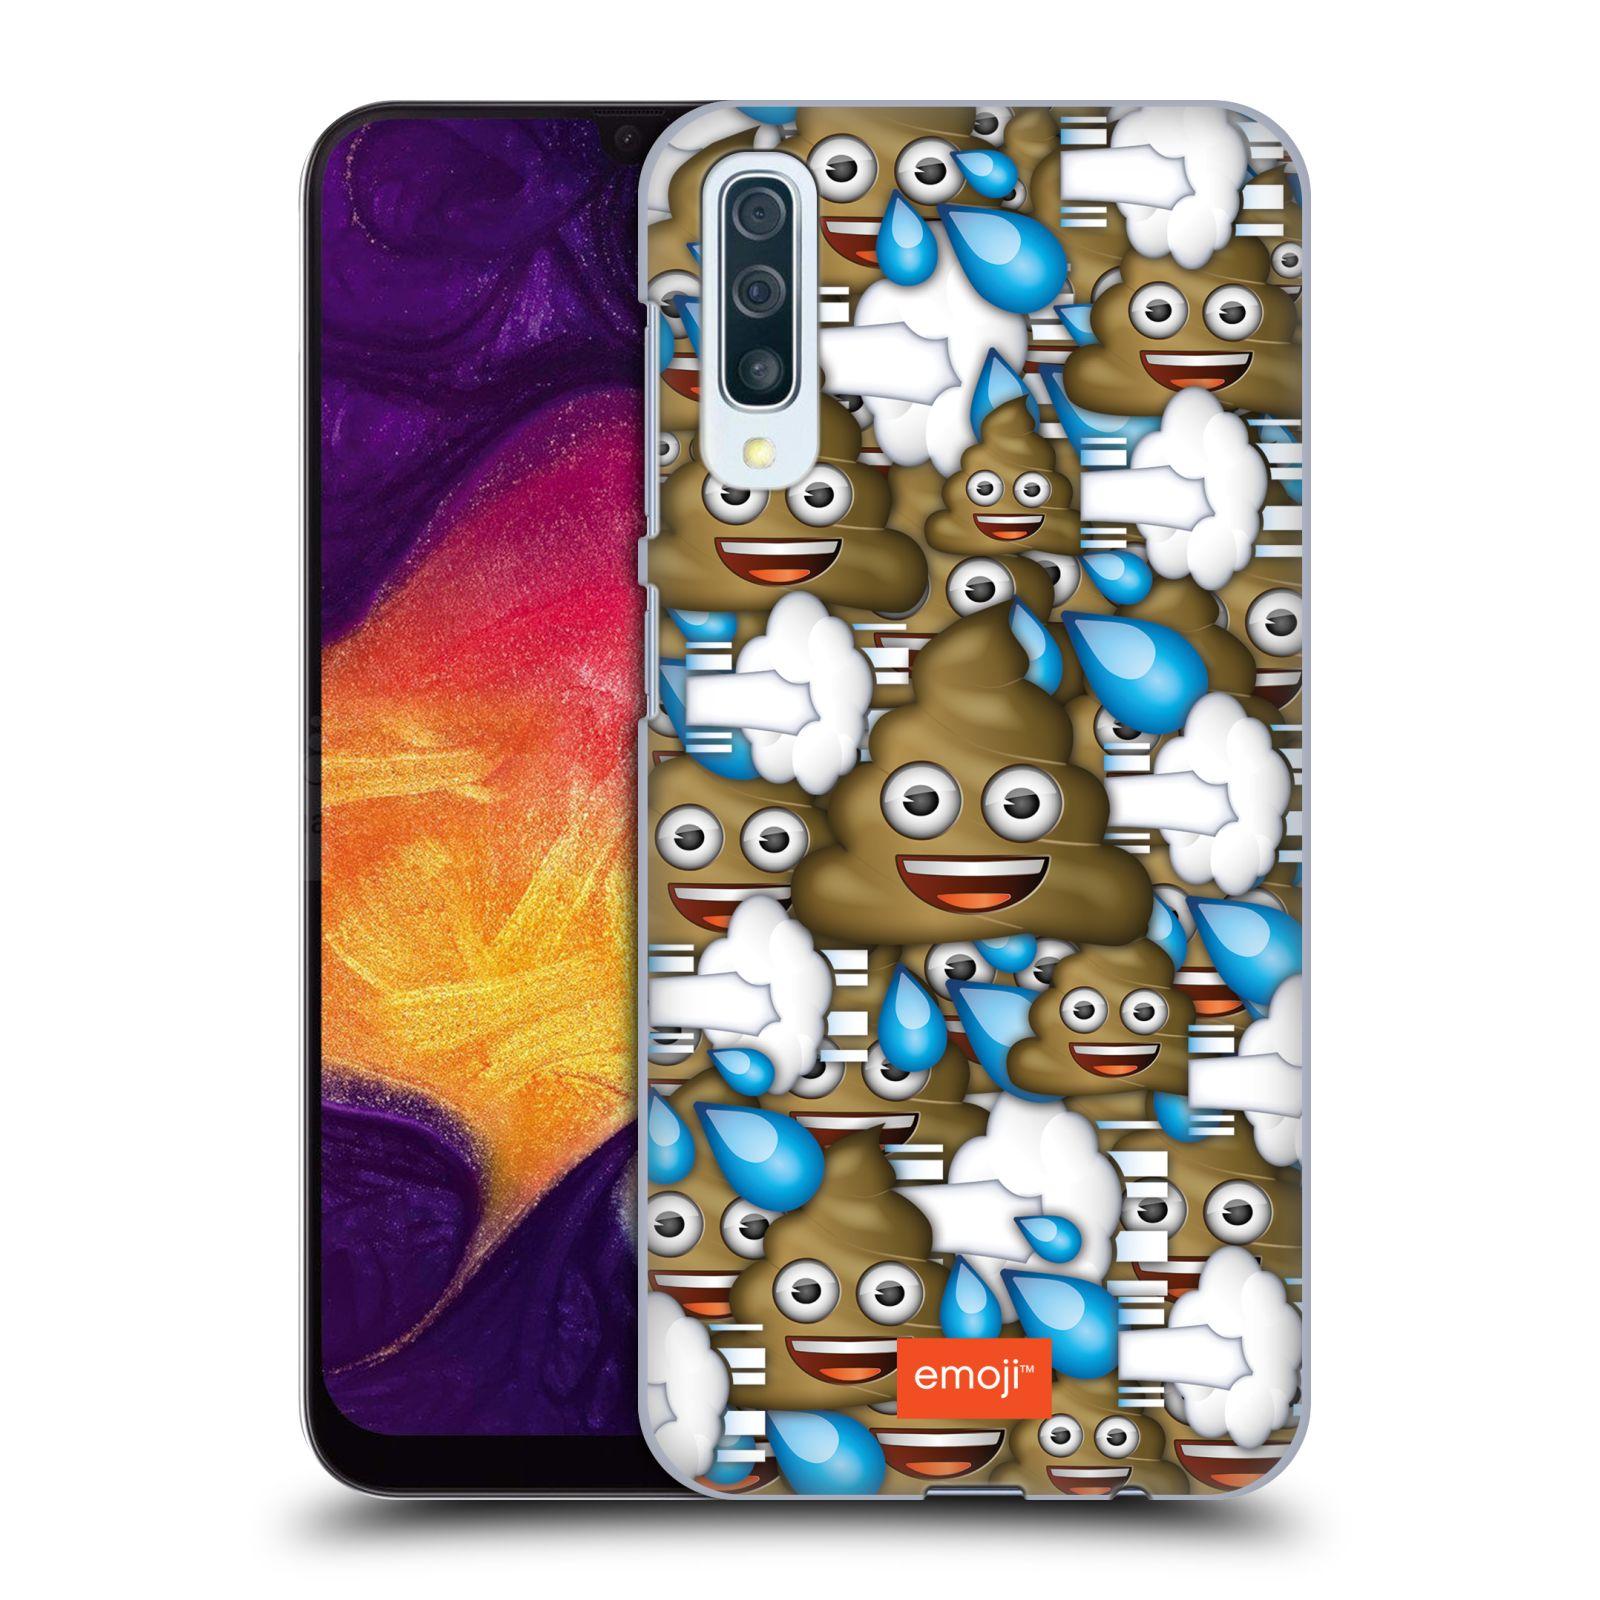 Plastové pouzdro na mobil Samsung Galaxy A50 / A30s - Head Case - EMOJI - Hovínka a prdíky